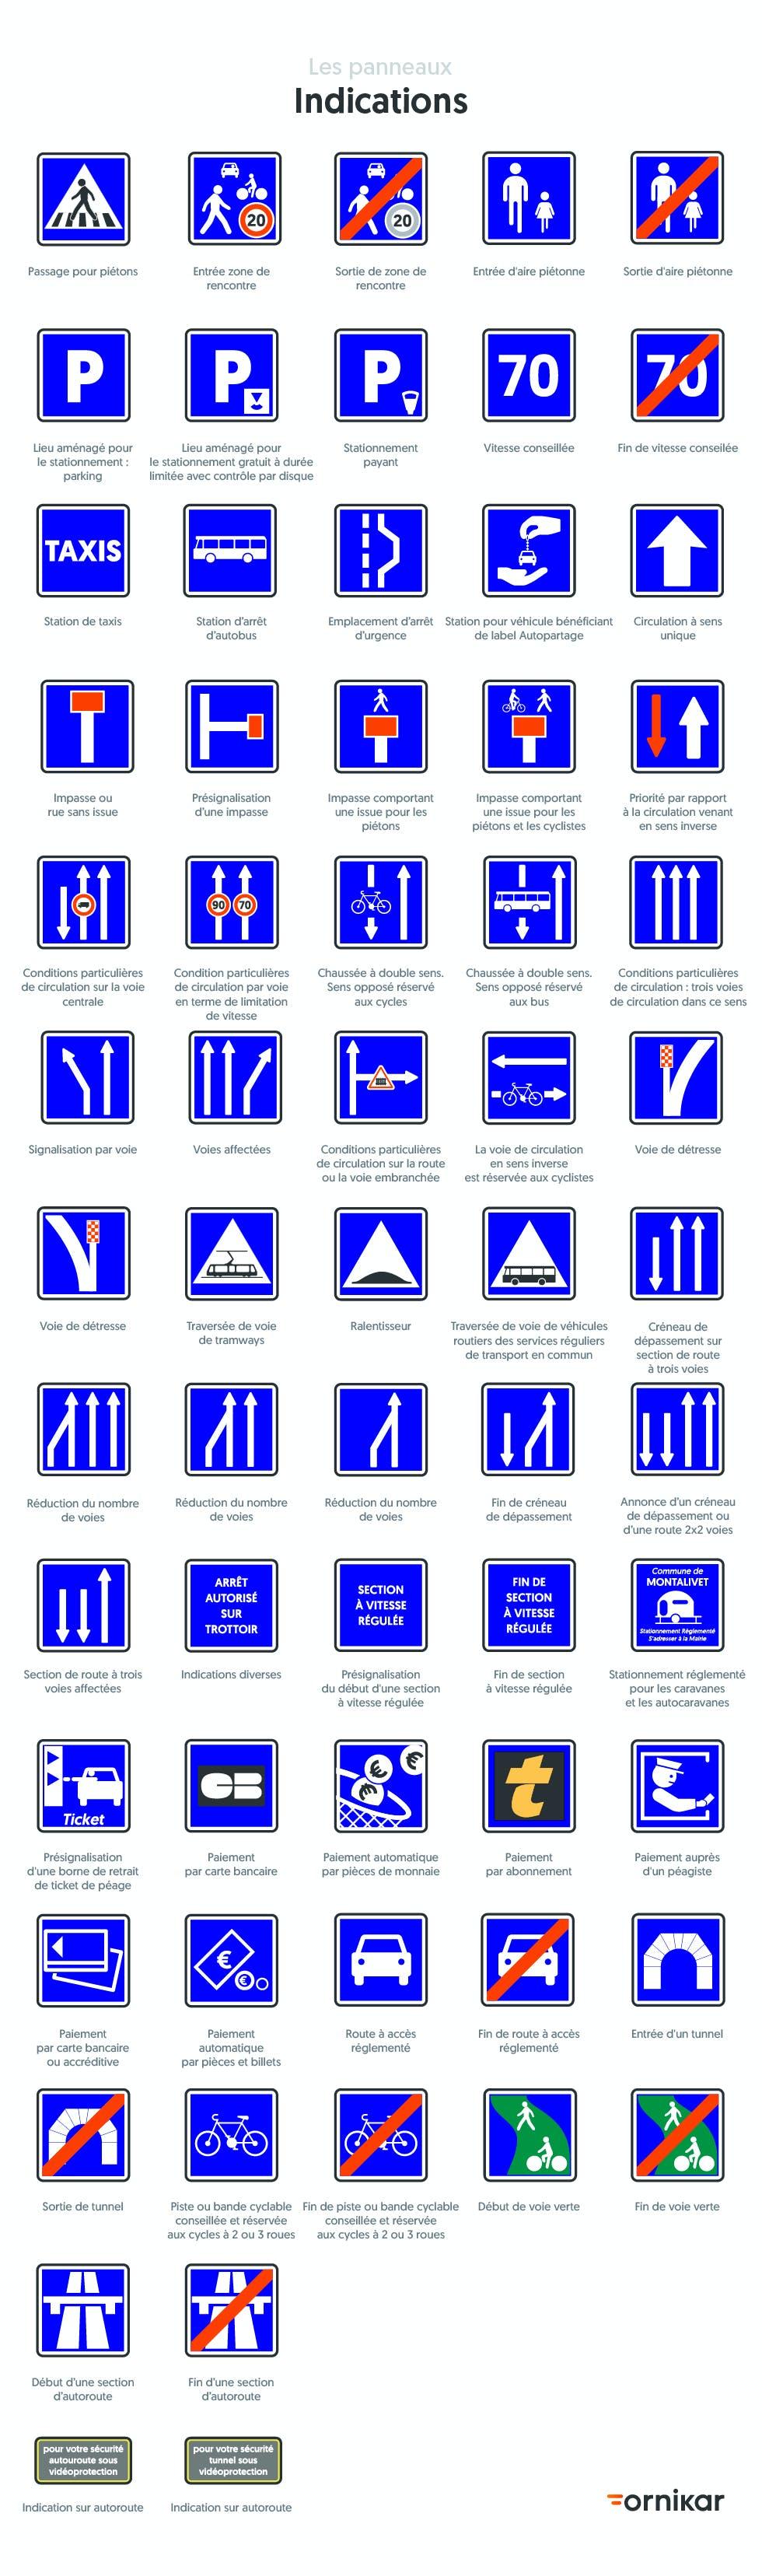 Planche panneau : tous panneaux d'indication